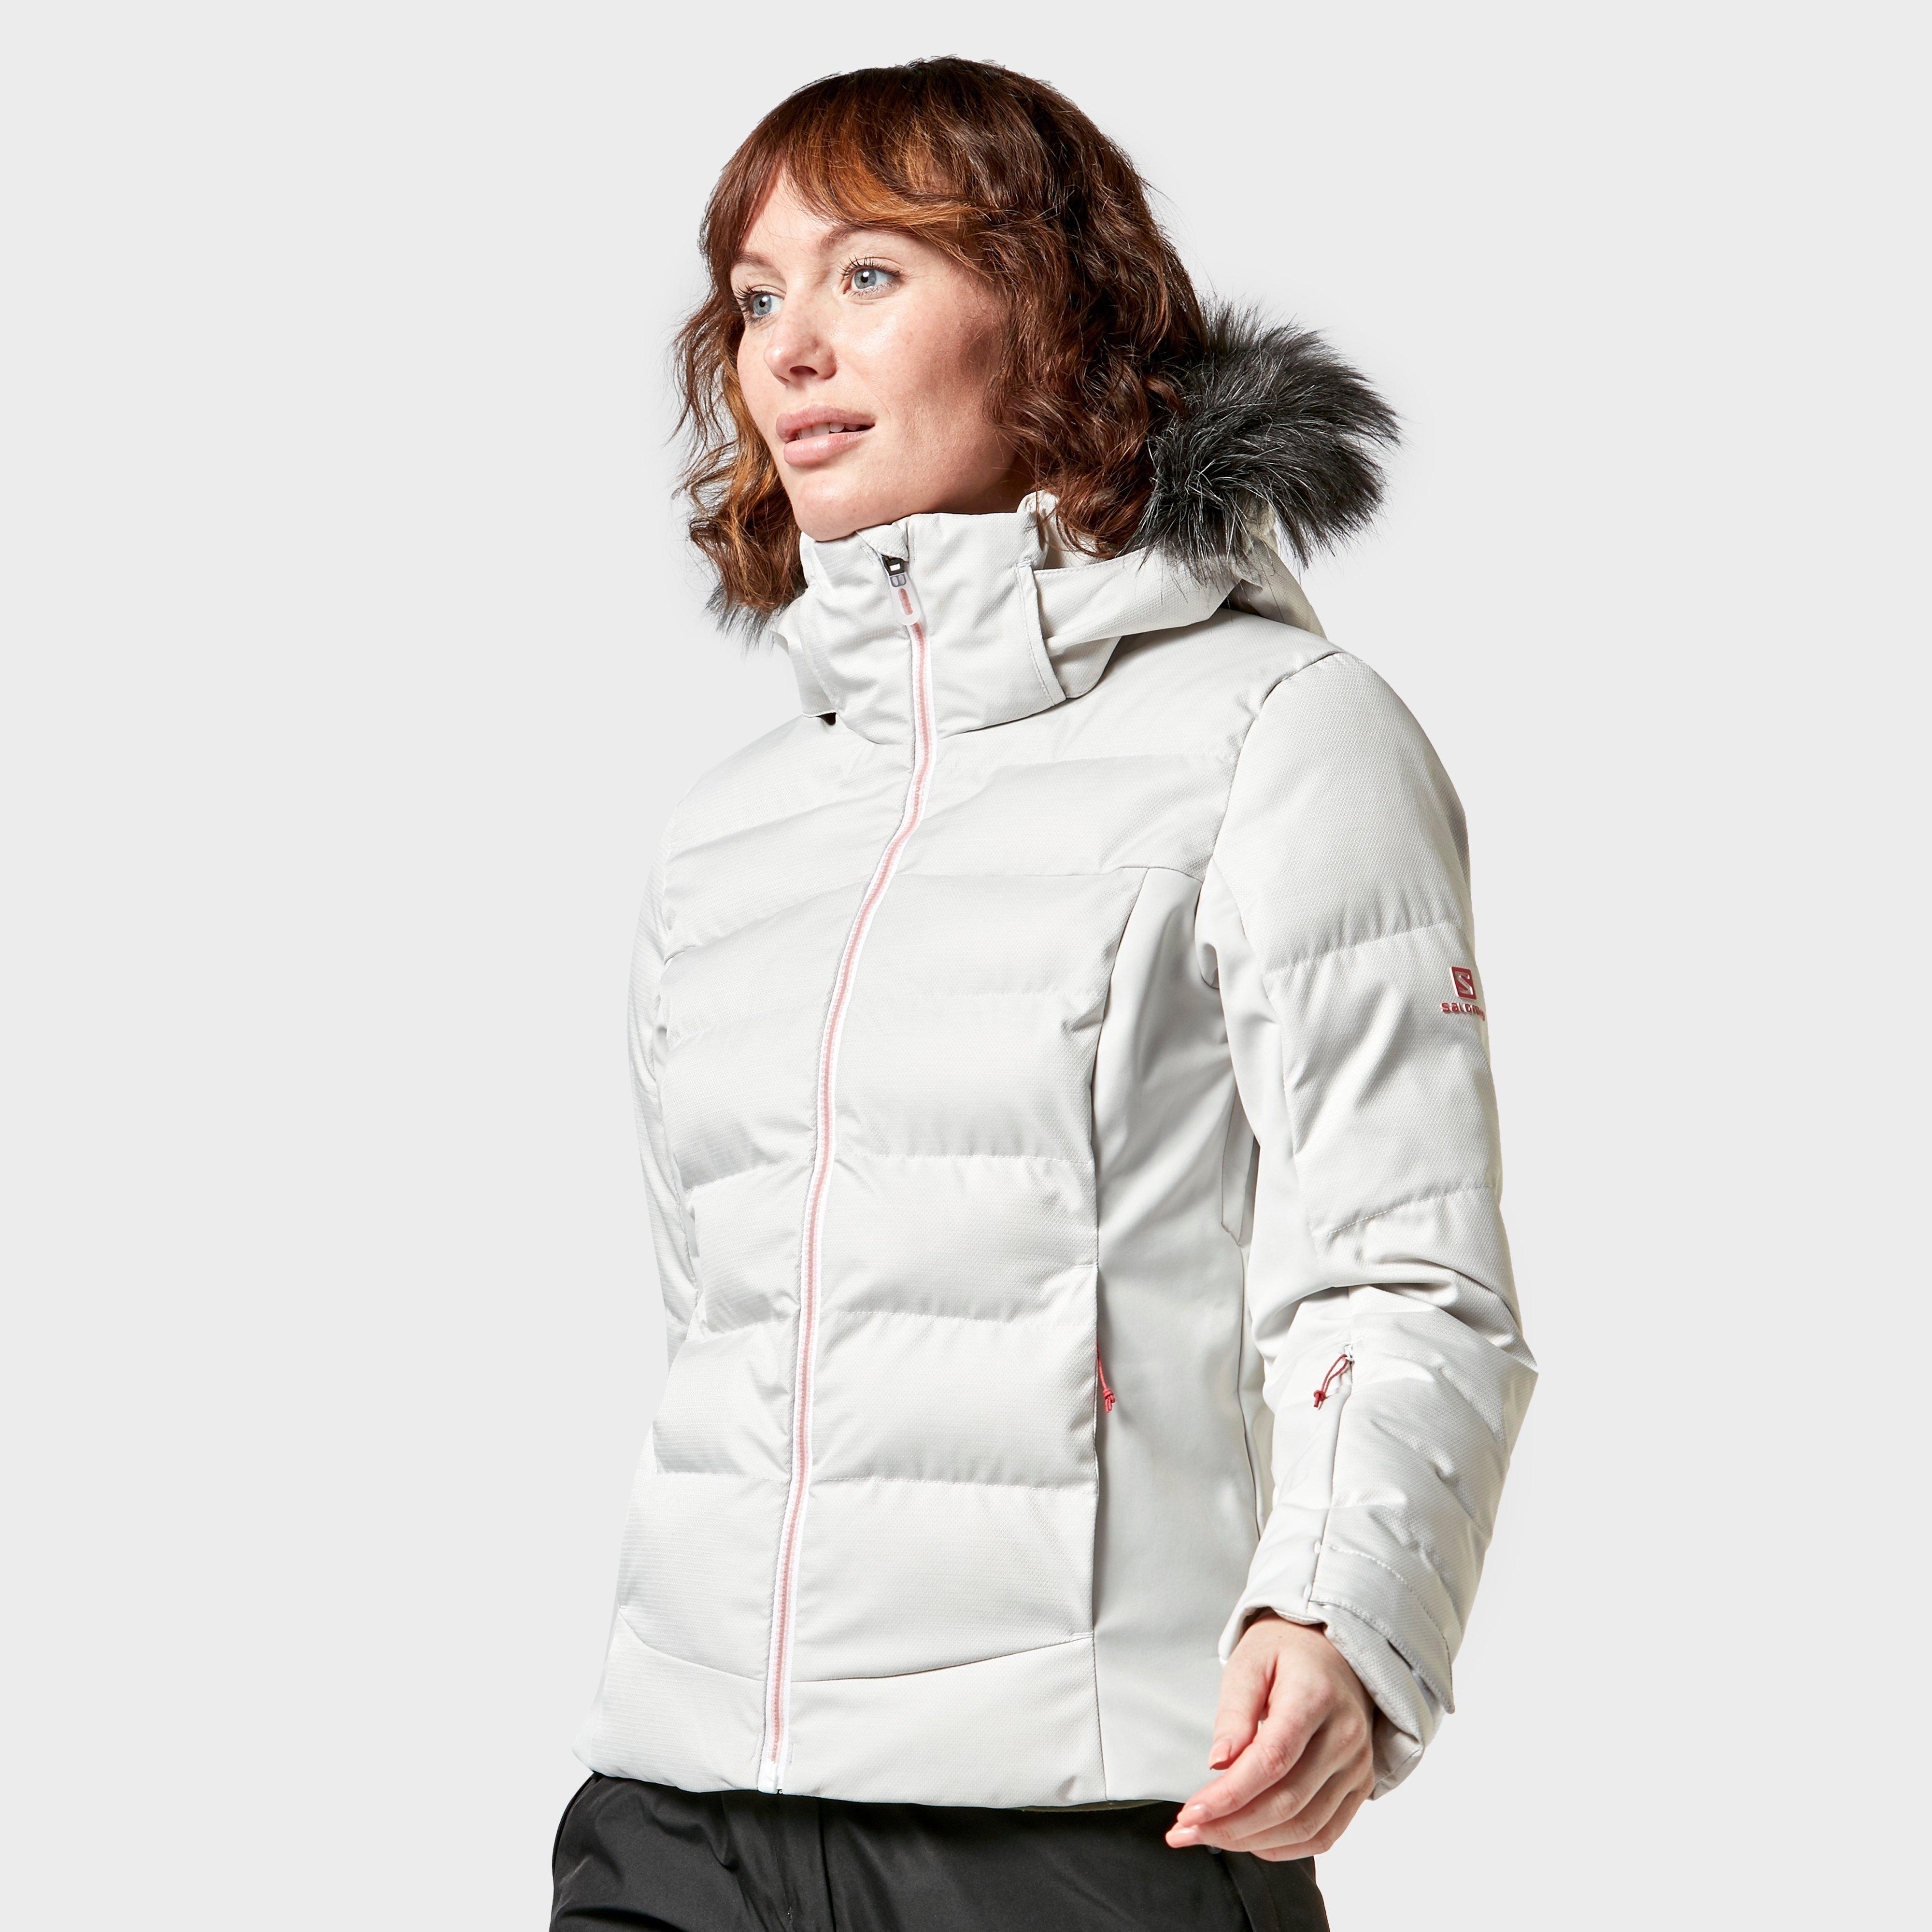 Salomon Women's Stormcozy Ski Jacket - Wht/Wht, White